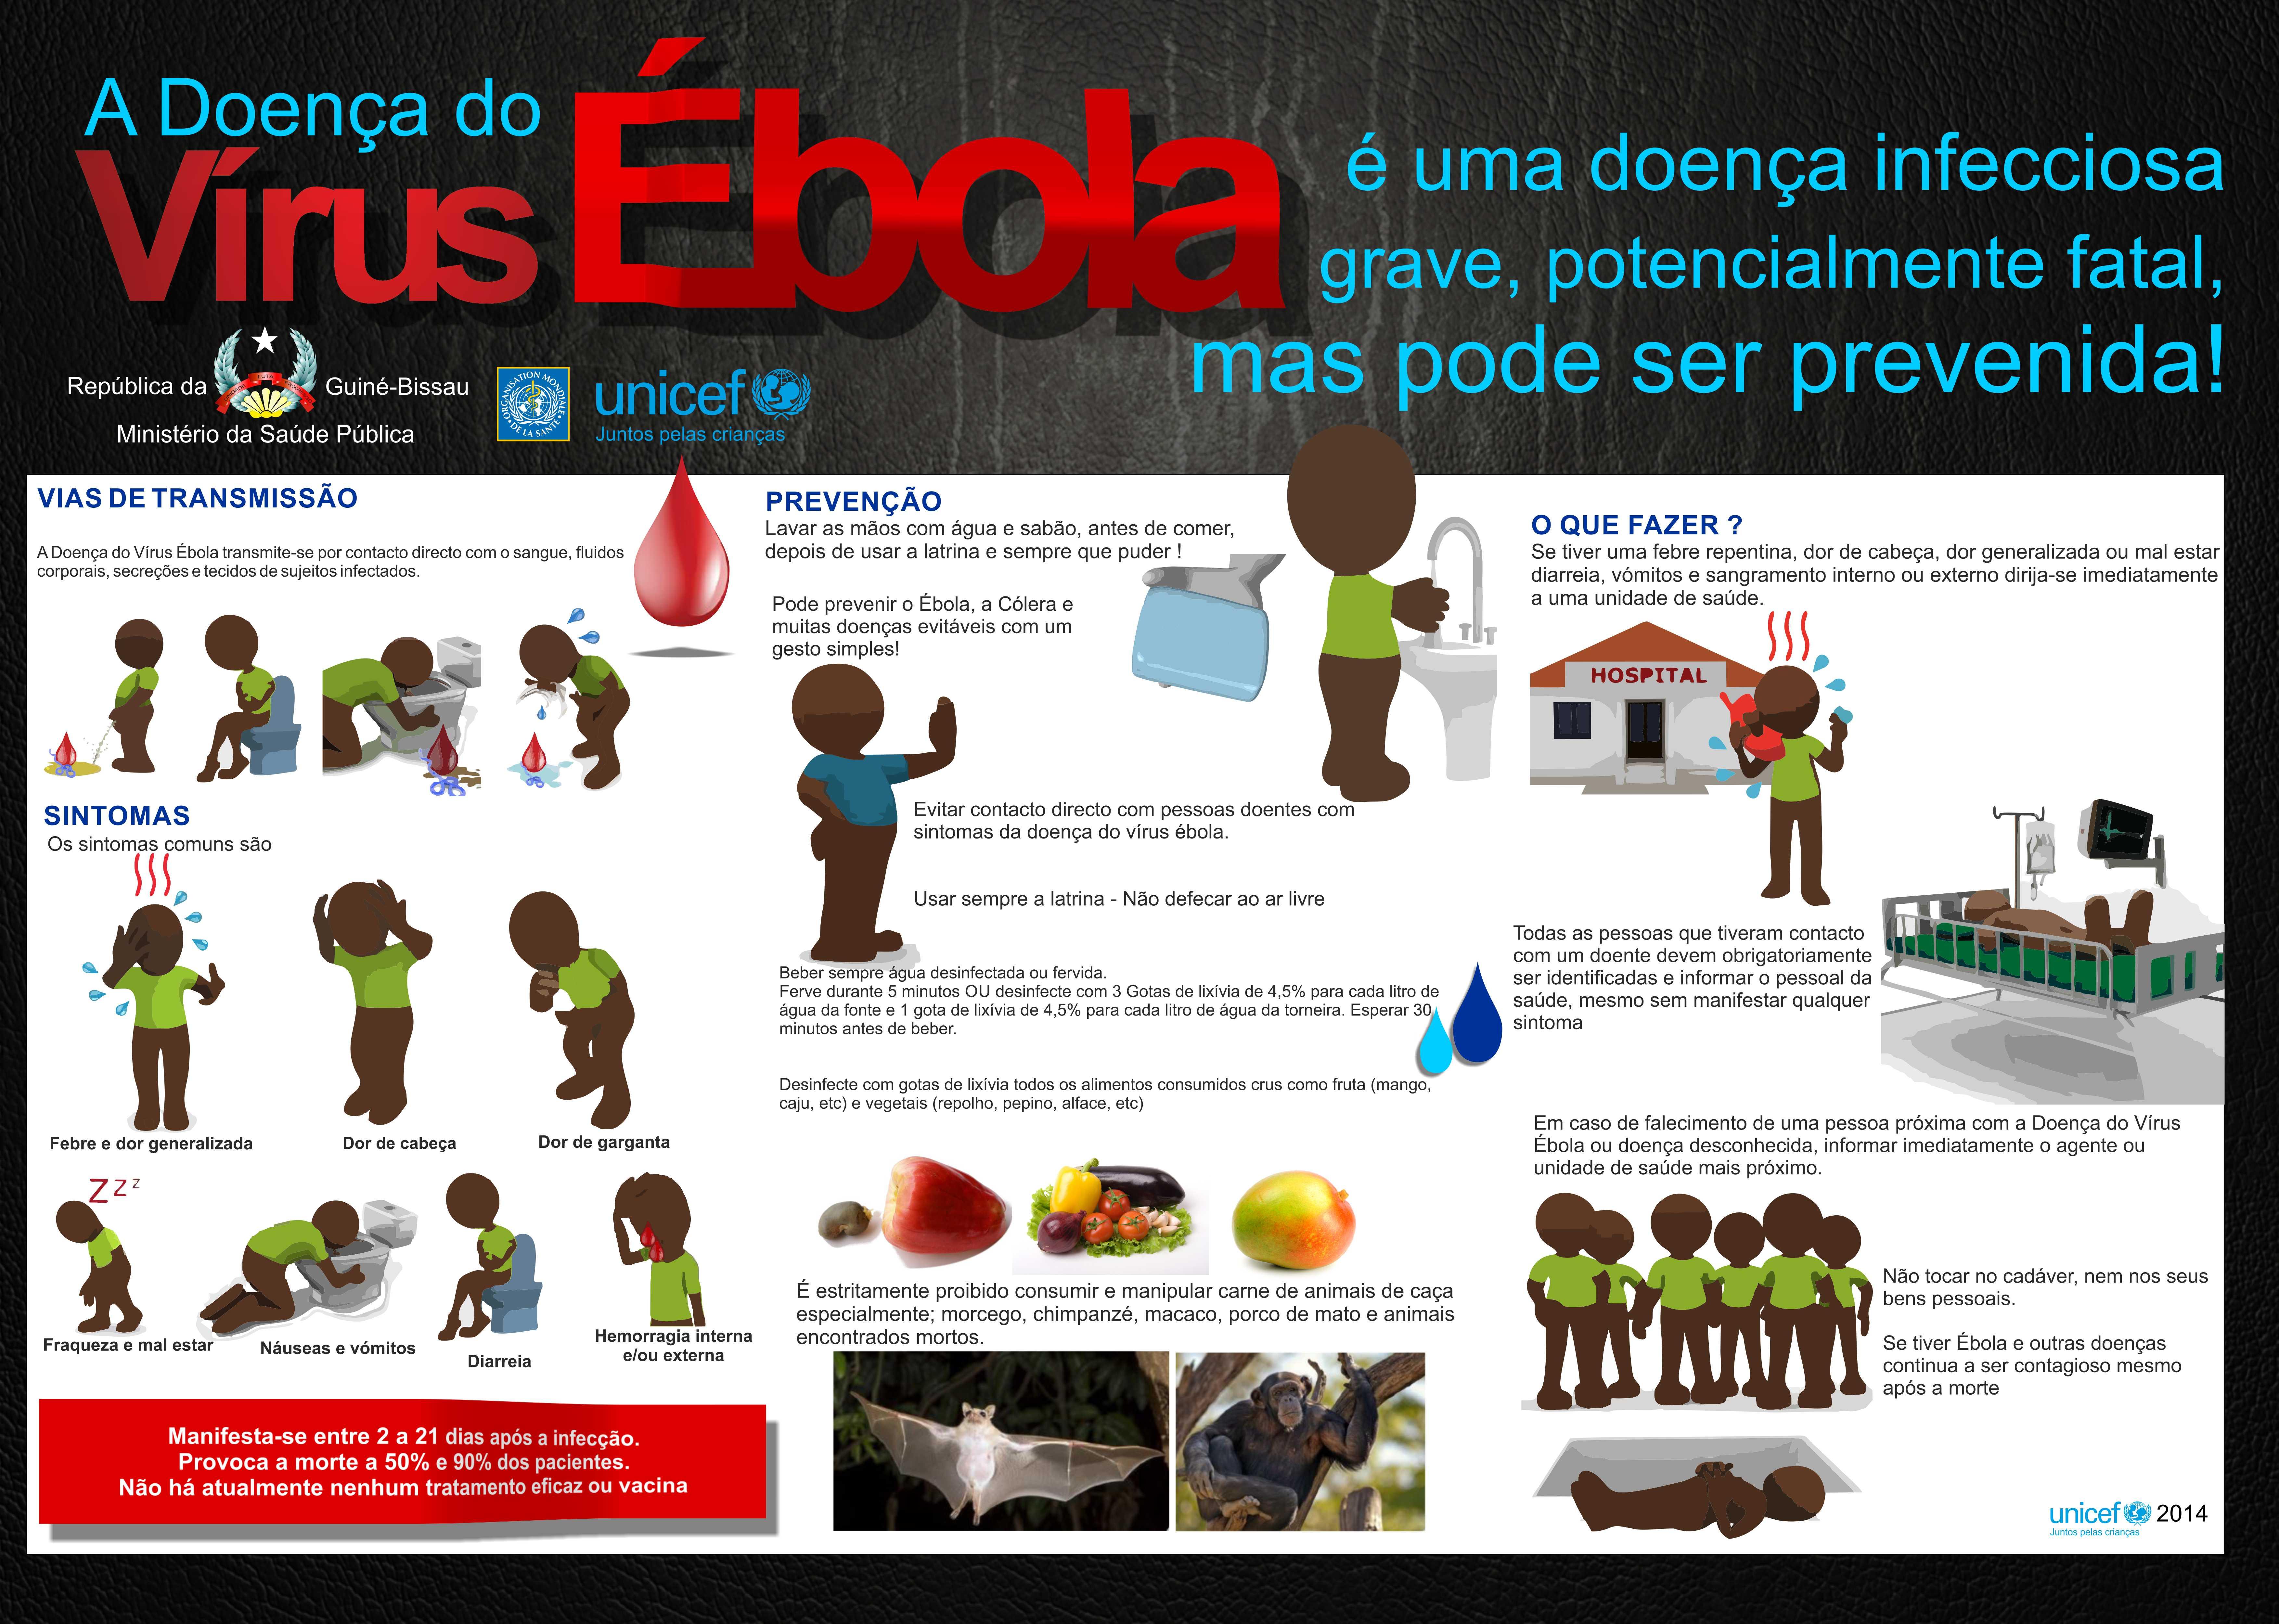 Thời sự trưa ngày 03/8/2014:Tổ chức Y tế thế giới kêu gọi tăng cường các biện pháp chống đại dịch Ebola